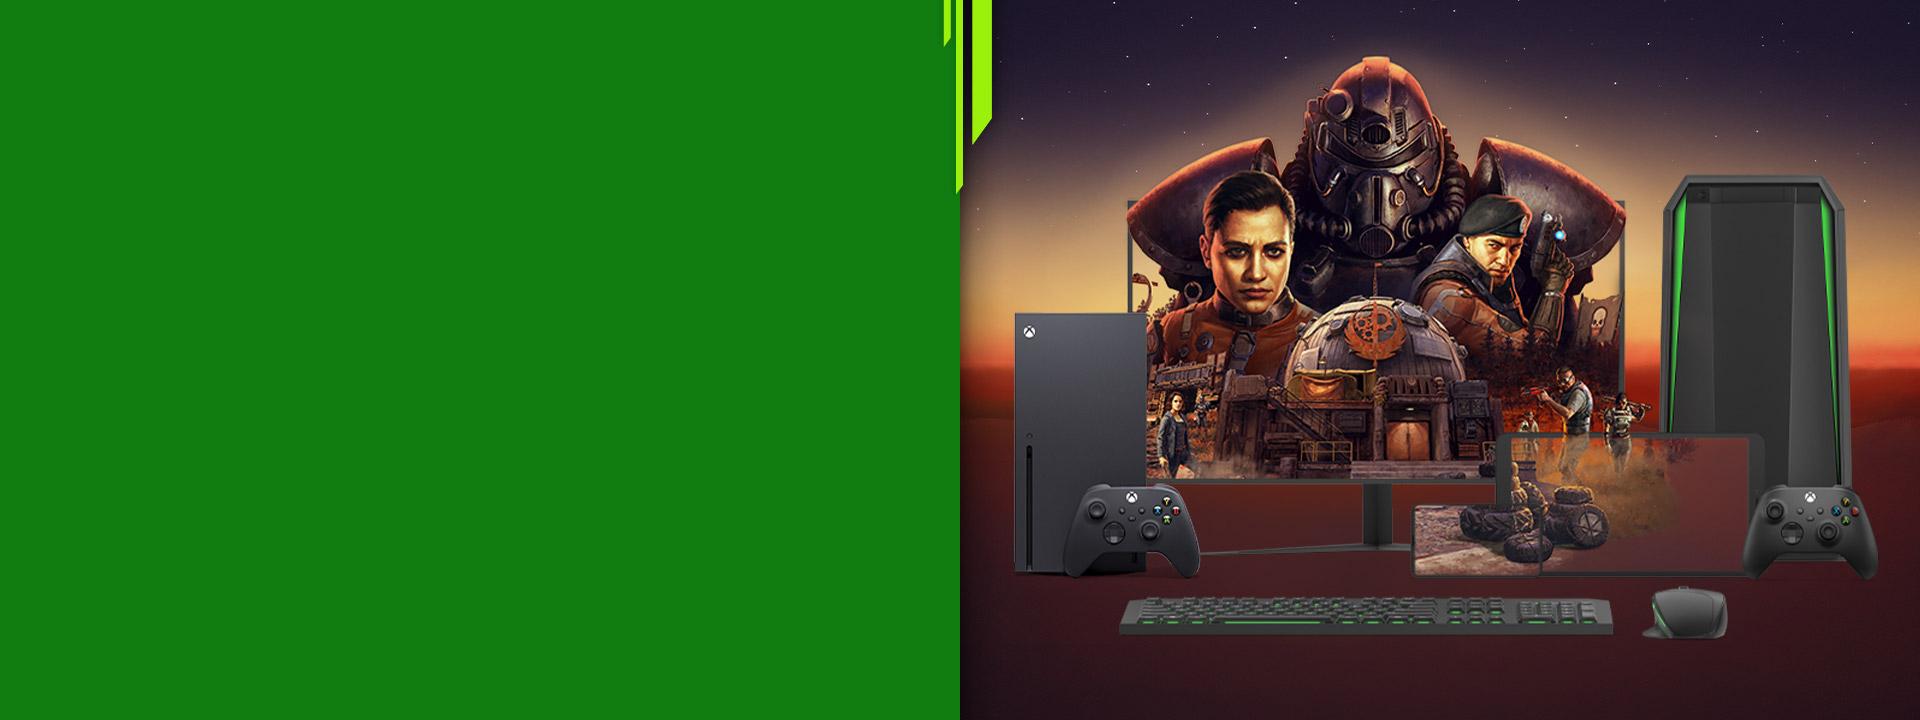 Mehrere intelligente Geräte zeigen Fallout 76-Game-Art auf den Bildschirmen an.